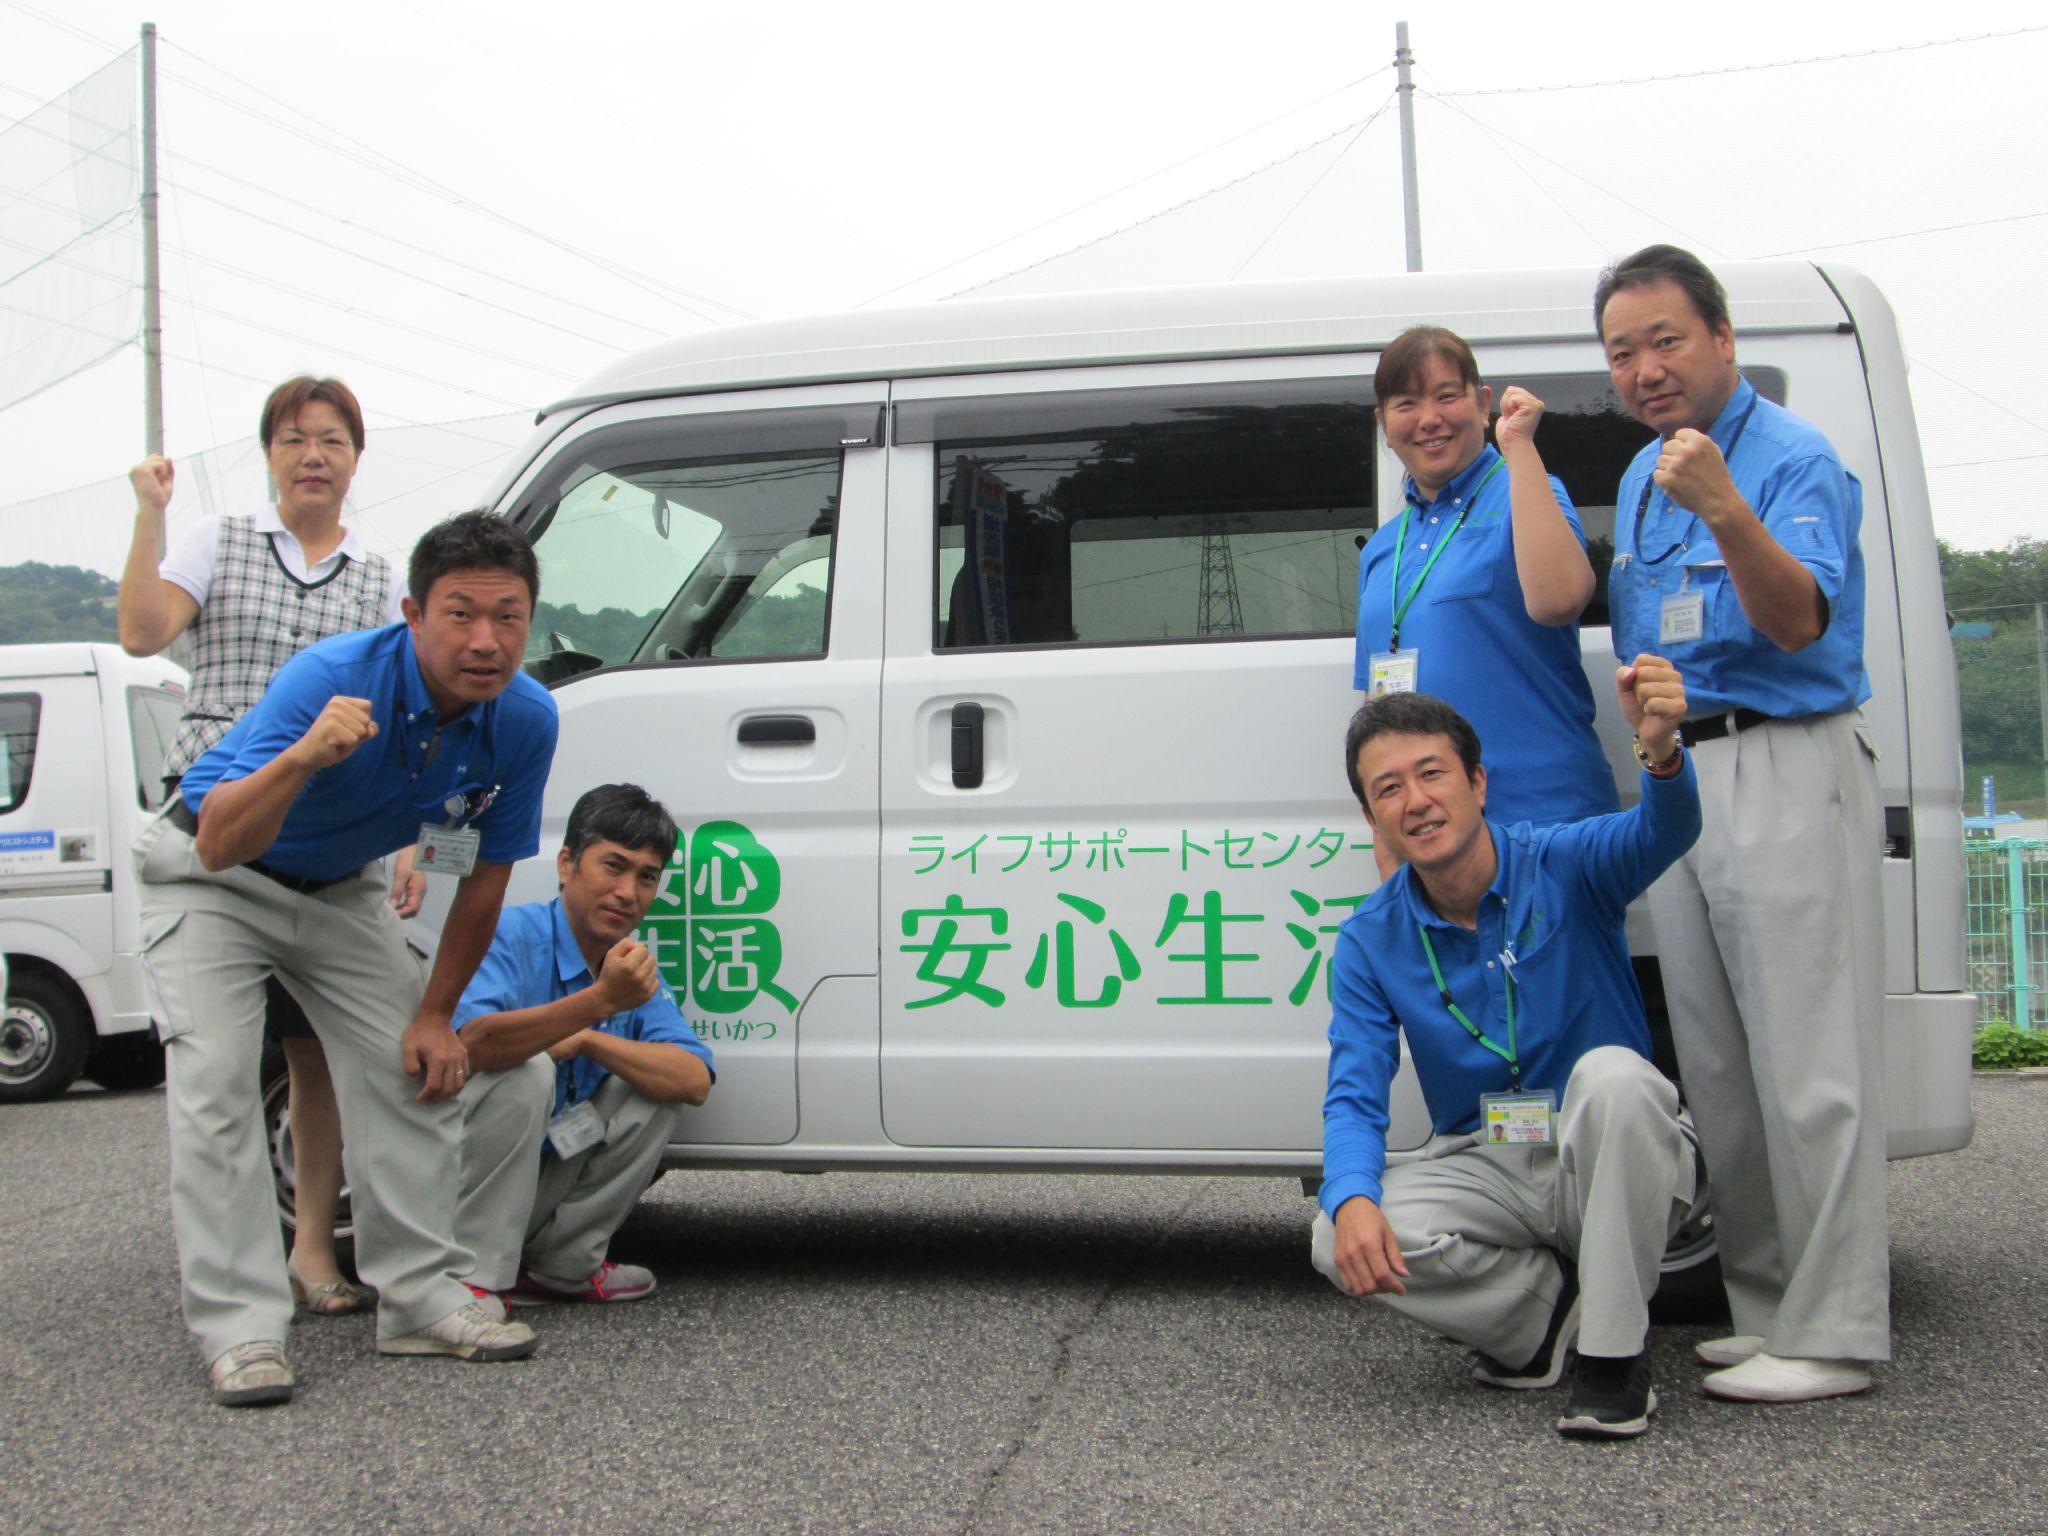 広島ガス住設㈱ 福山支店 ライフサポートセンター安心生活 事業内容の写真